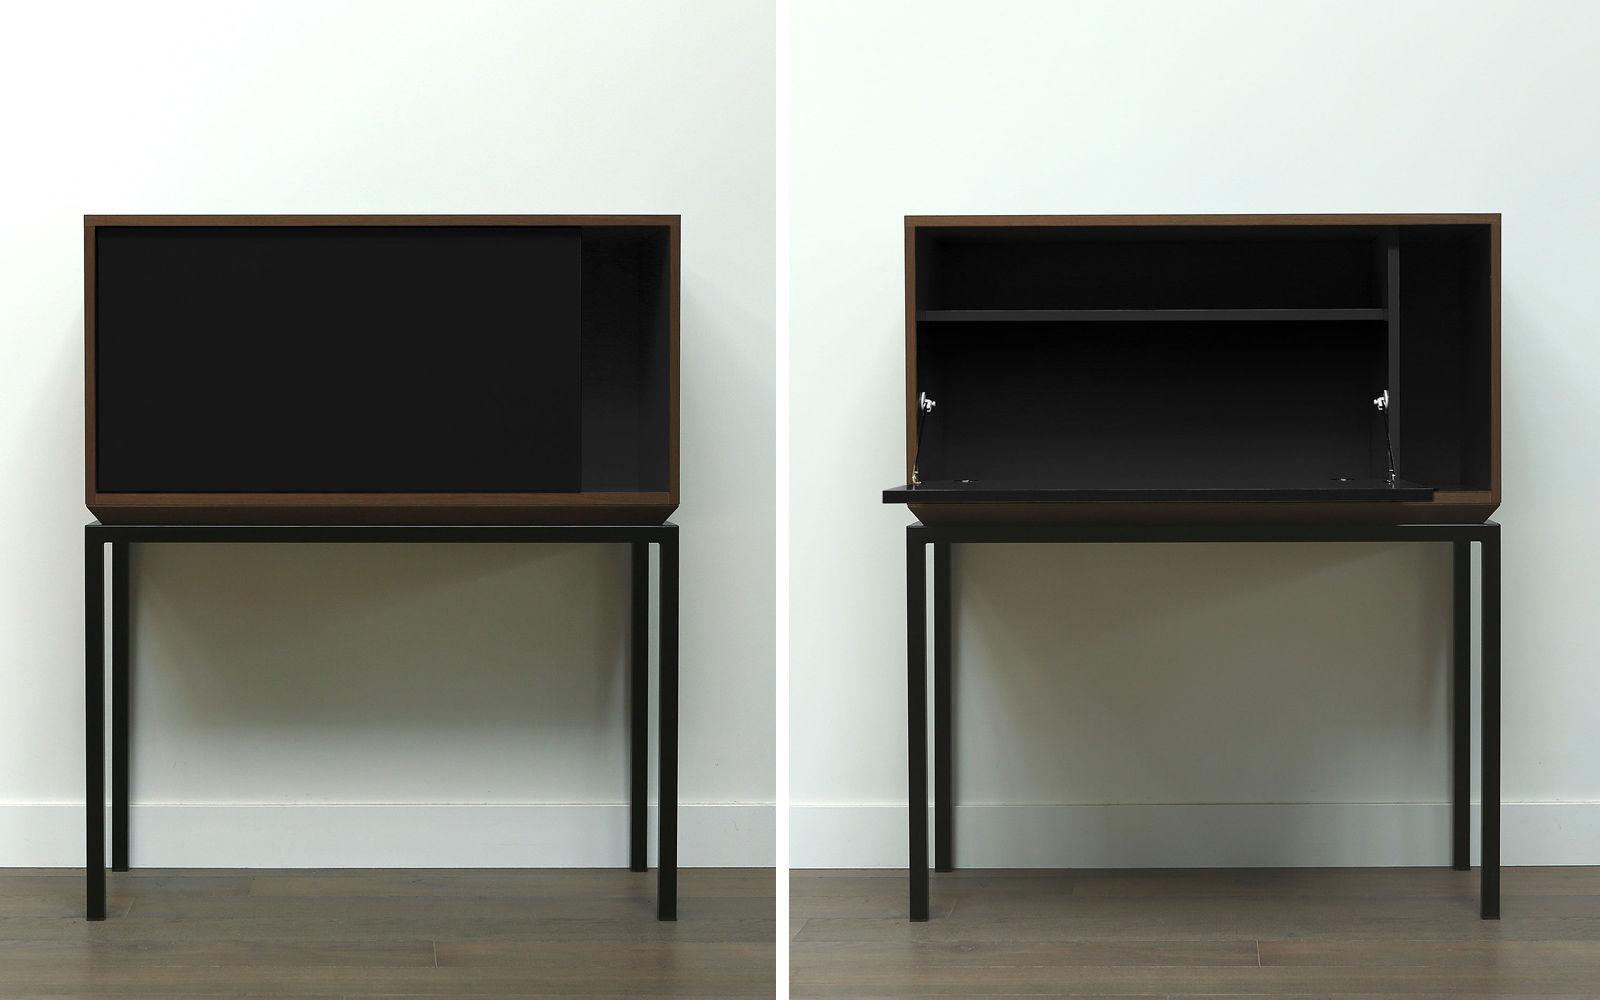 Contemporary Secretary Desk Wooden My City By Laurent Minguet  # Muebles Secreter